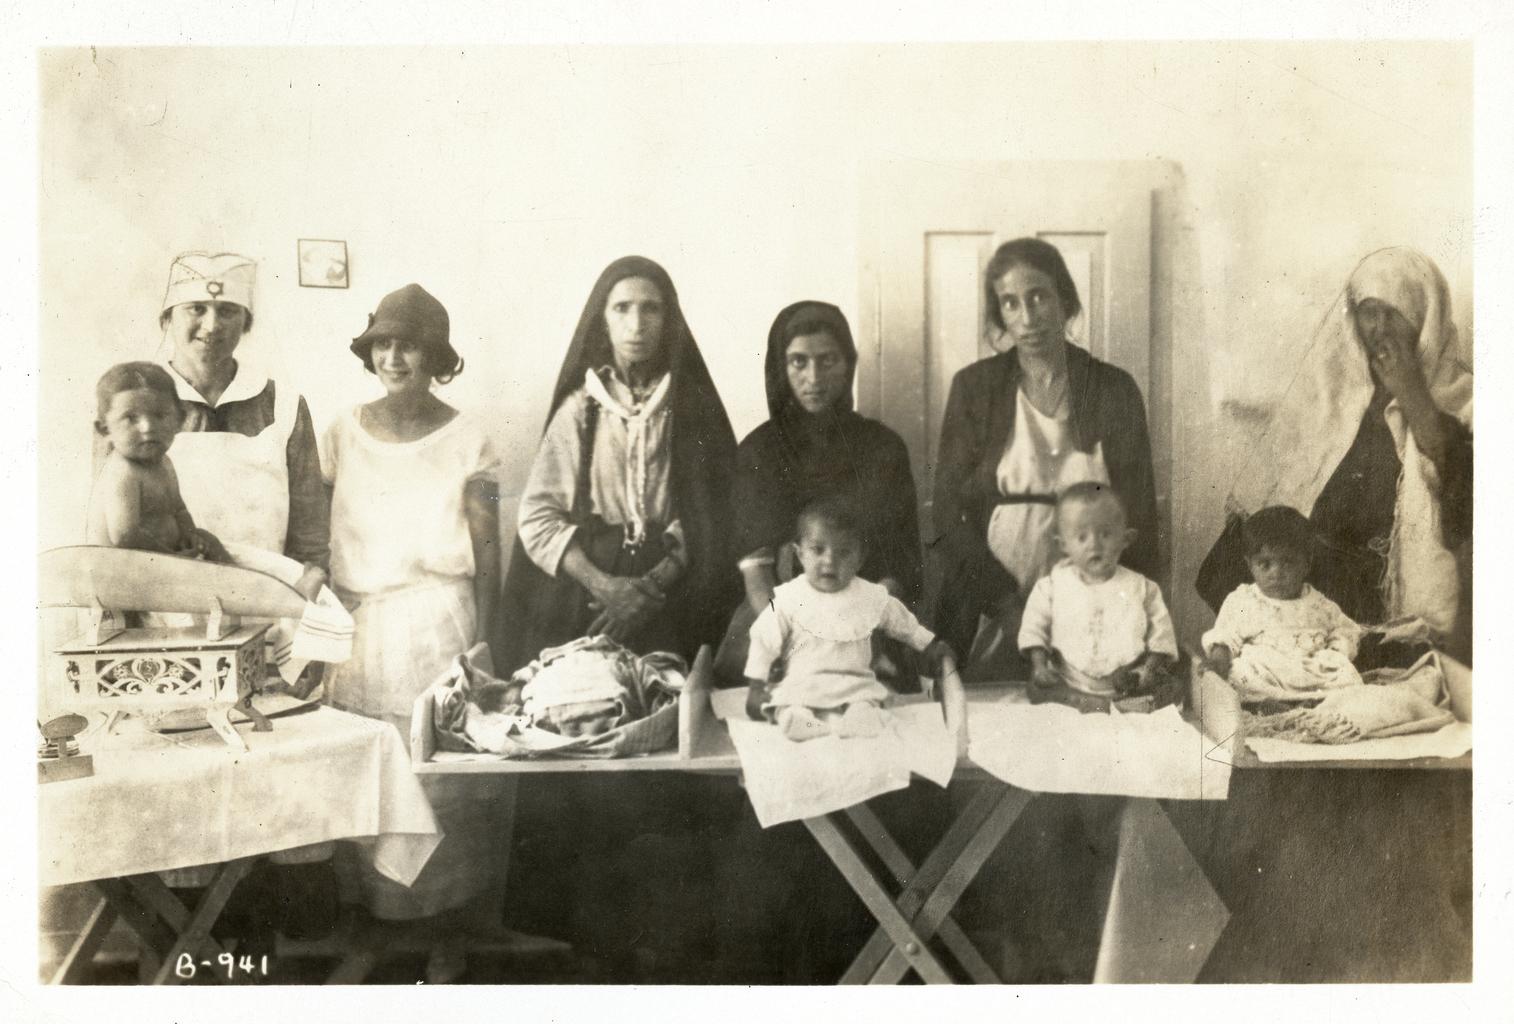 Молодые матери на занятии по уходу за детьми в центре детского здоровья «Хадасса», Иерусалим